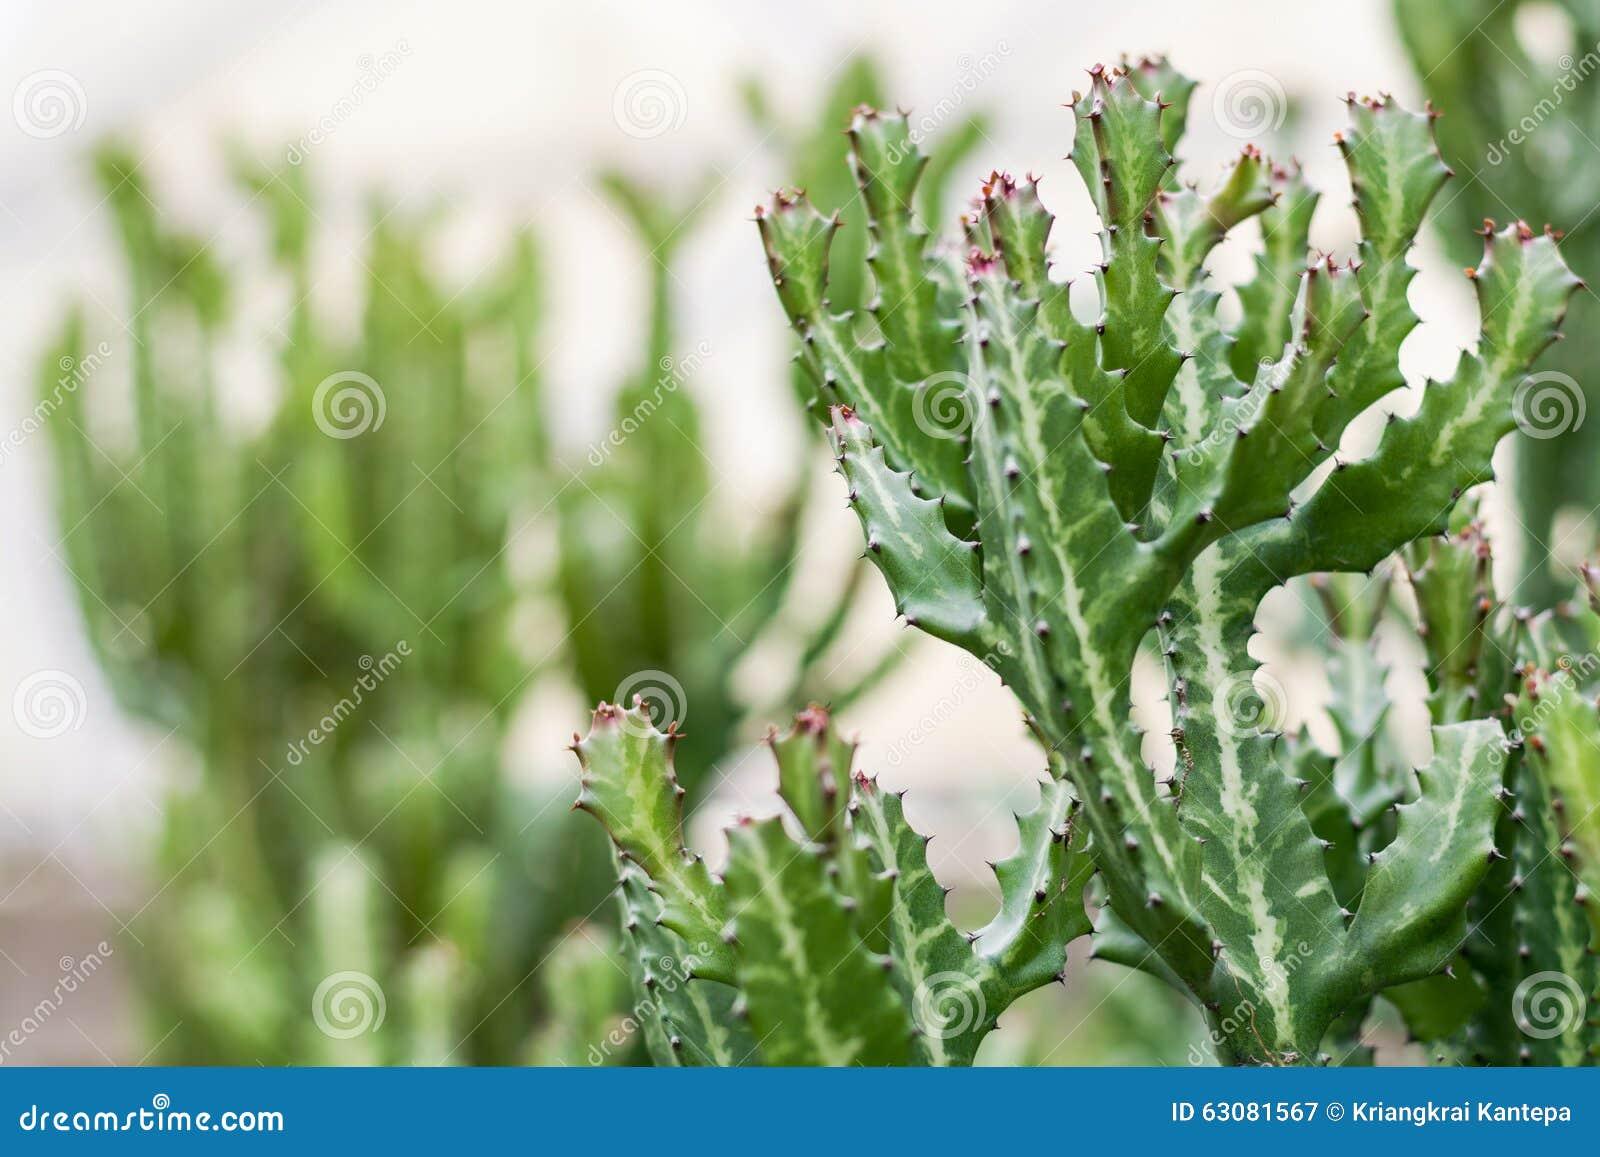 Download Feuille épineuse Verte De Cactus Dans Le Désert Image stock - Image du chaud, désert: 63081567